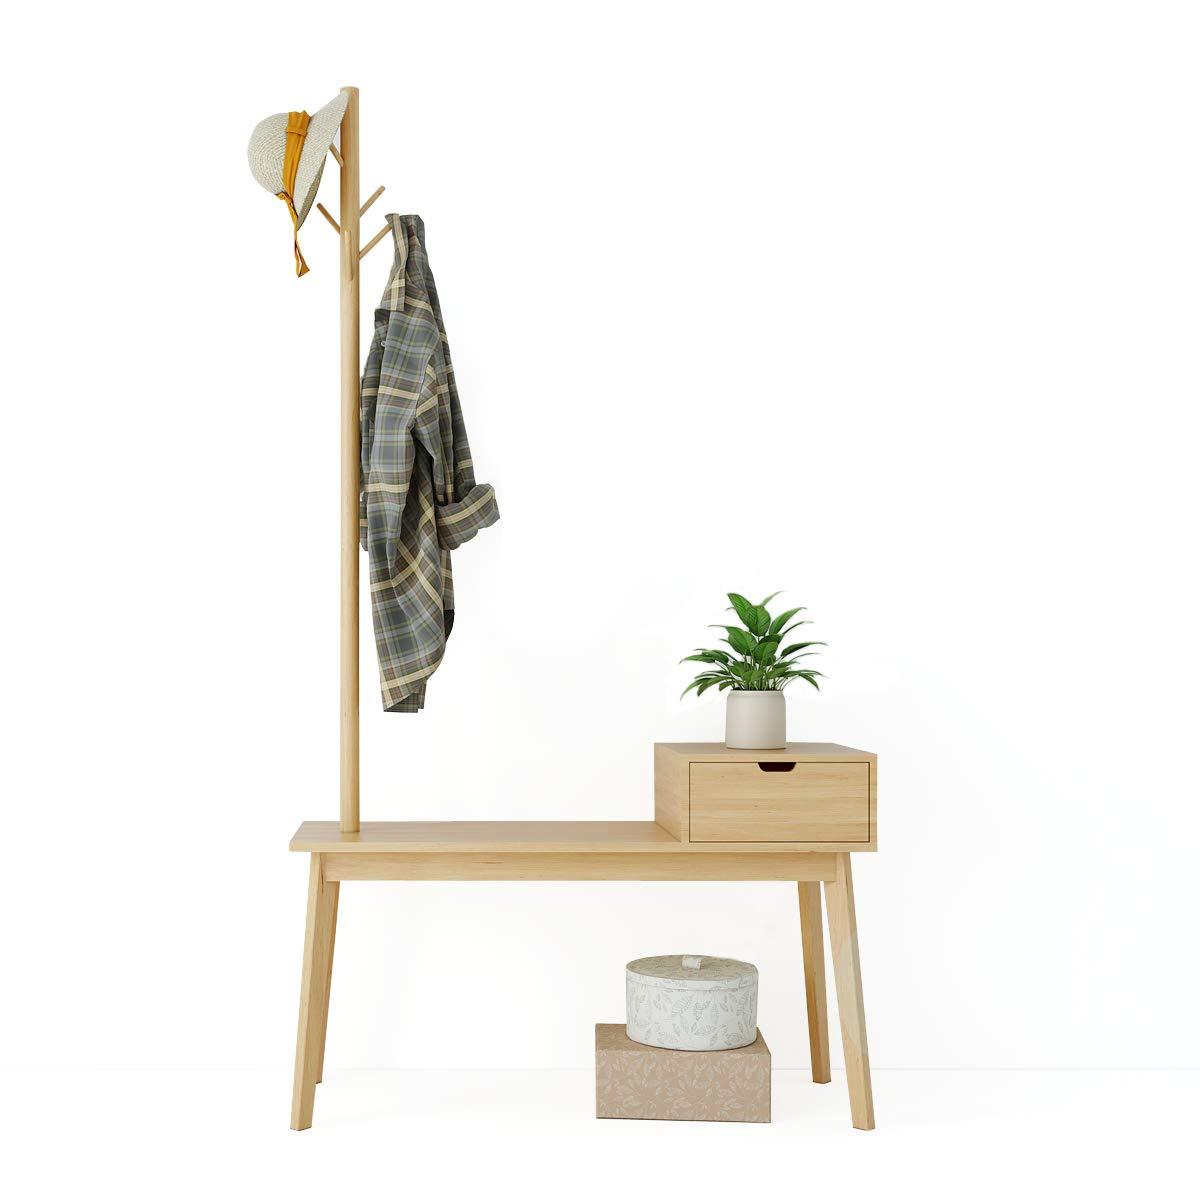 Perchero de madera de bambú